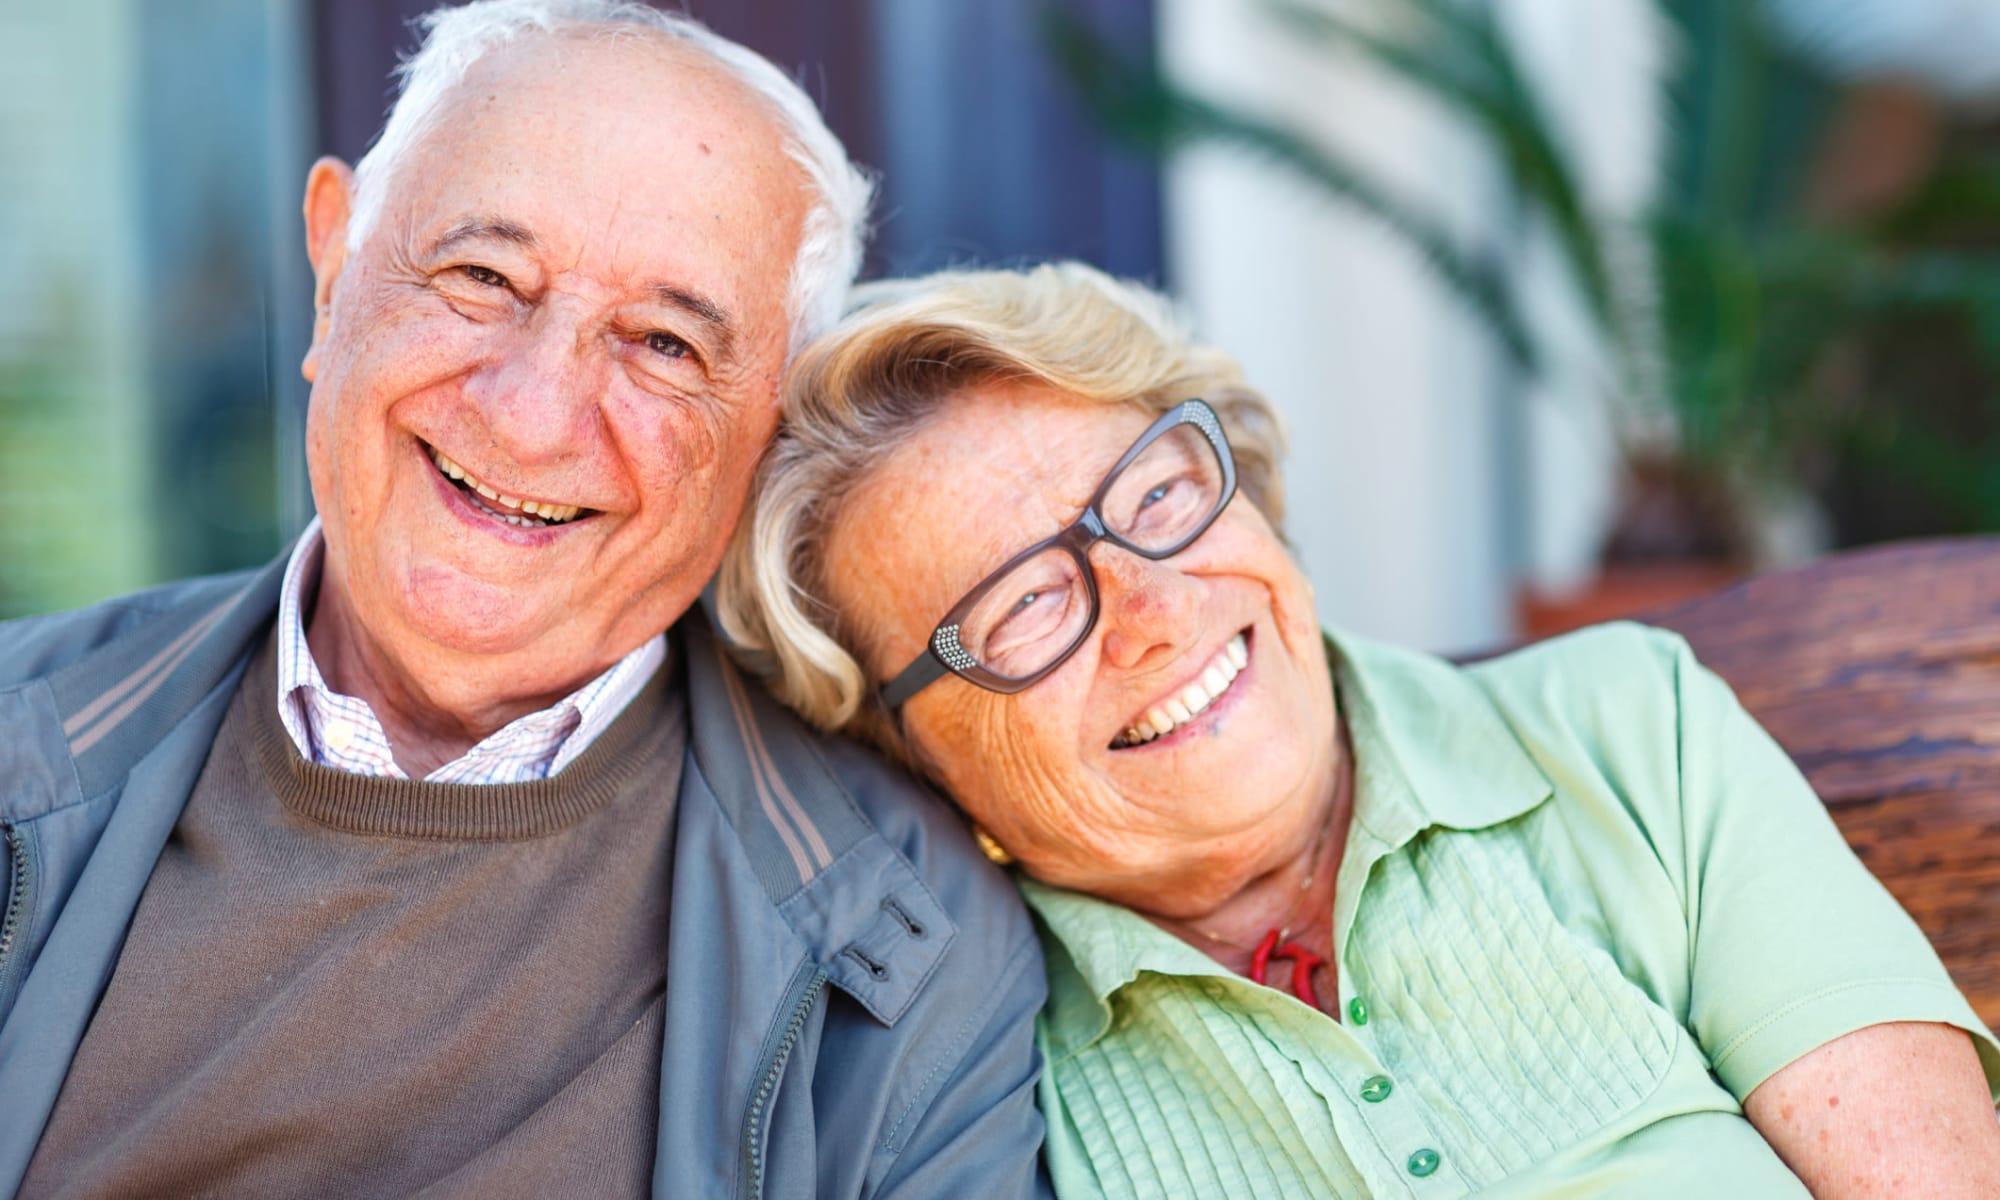 Seniors enjoying The Villas by Regency Park in Pasadena, California